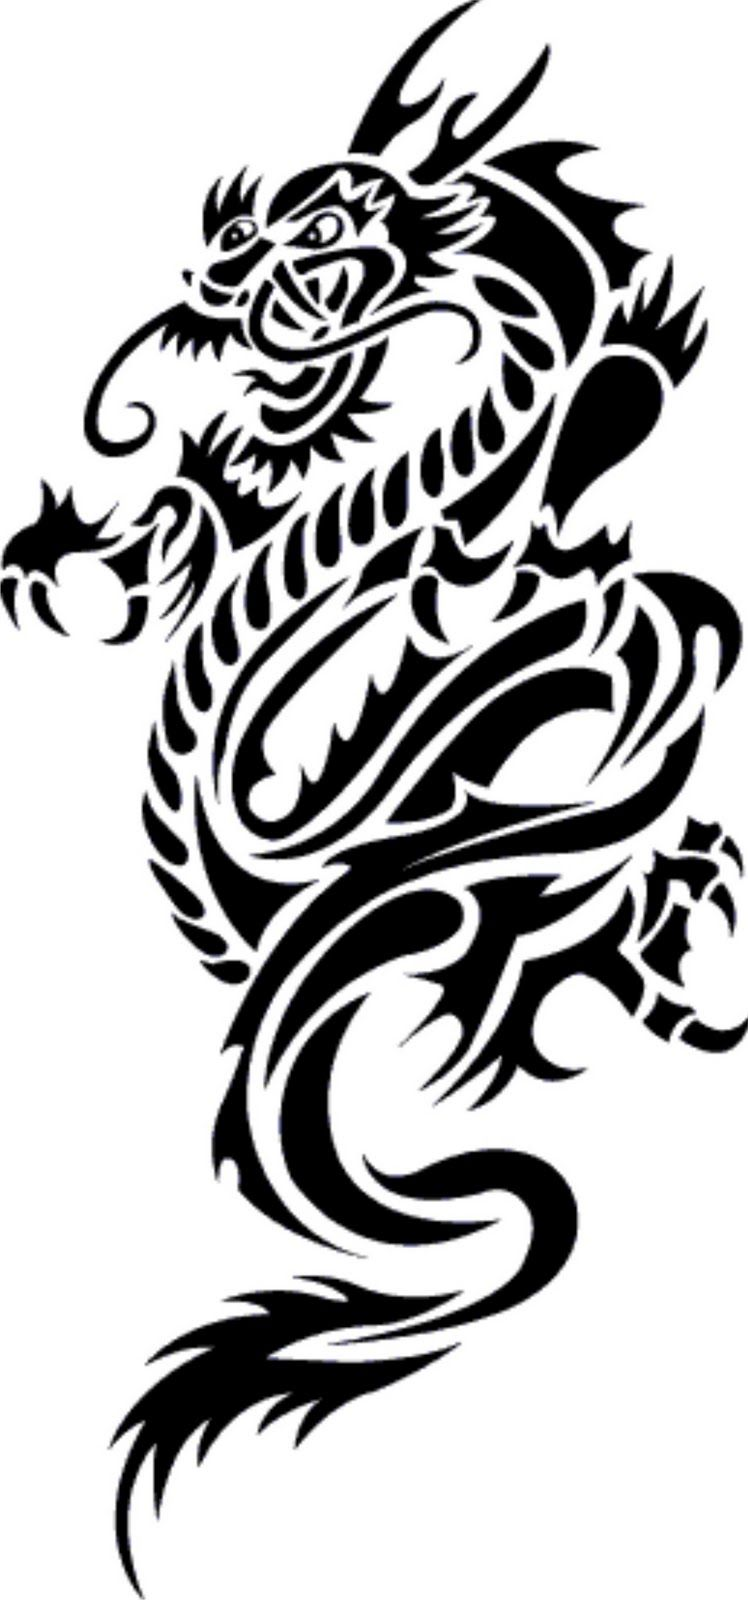 dragons tattoo 43 jpg 748 1 600 pixel misc tattoo ideas